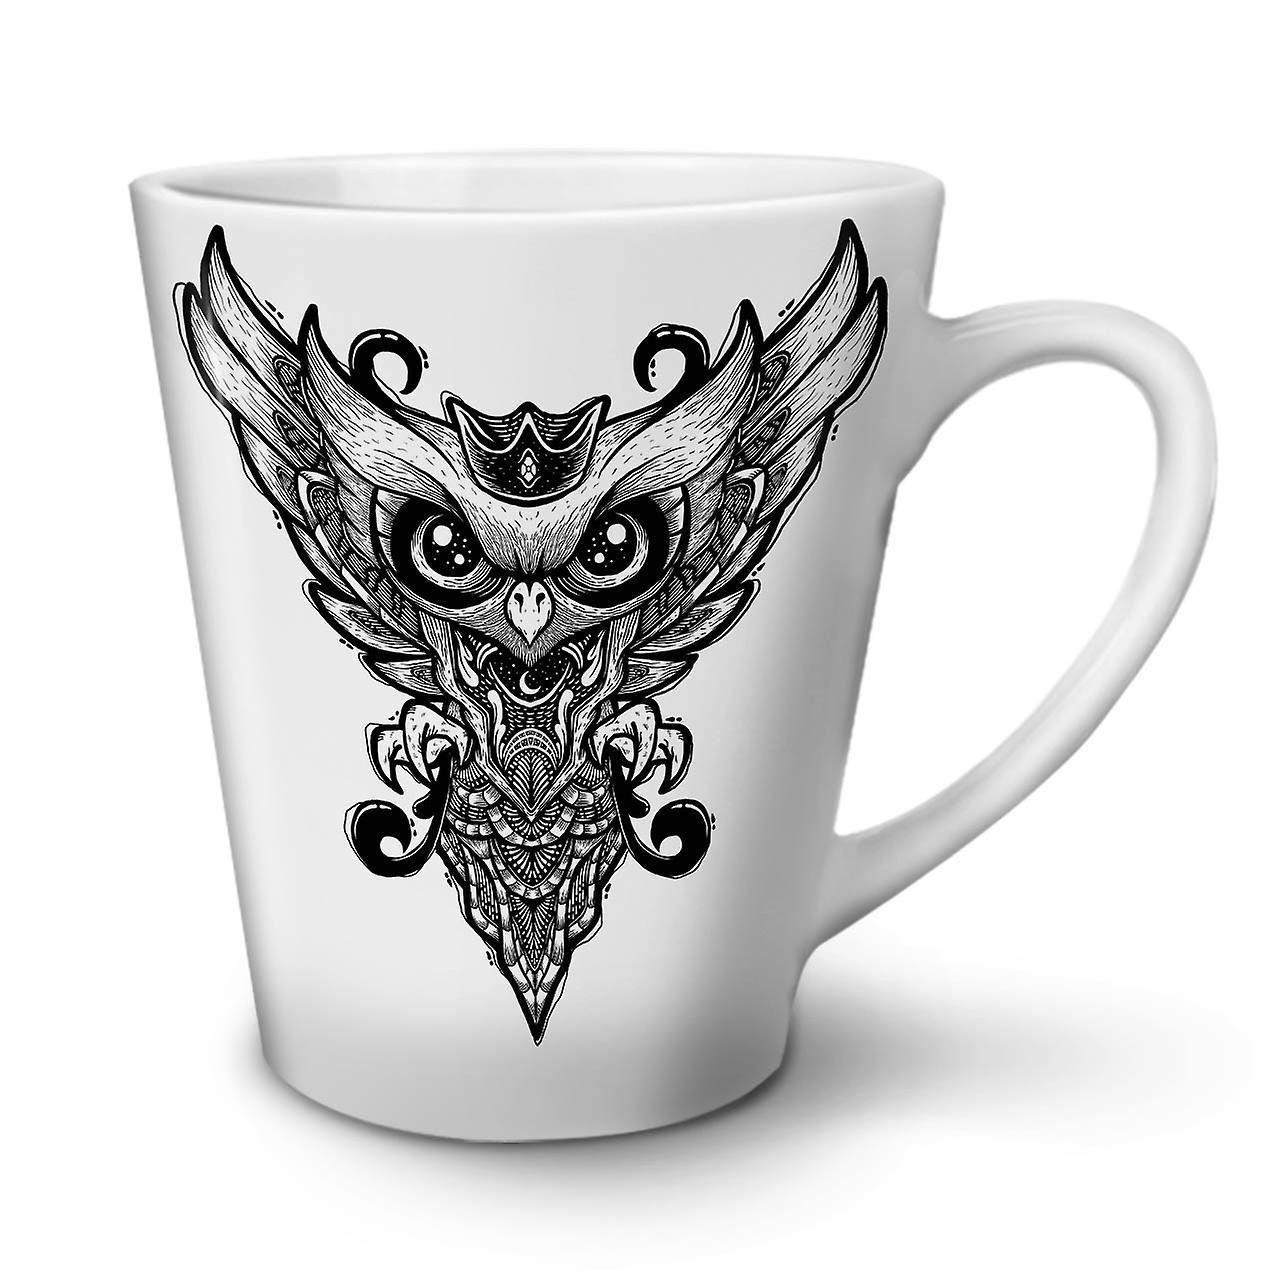 Hibou En Graphique OzWellcoda Café Céramique Nouvelle Latte Blanche 12 Tasse xQBerWCdo